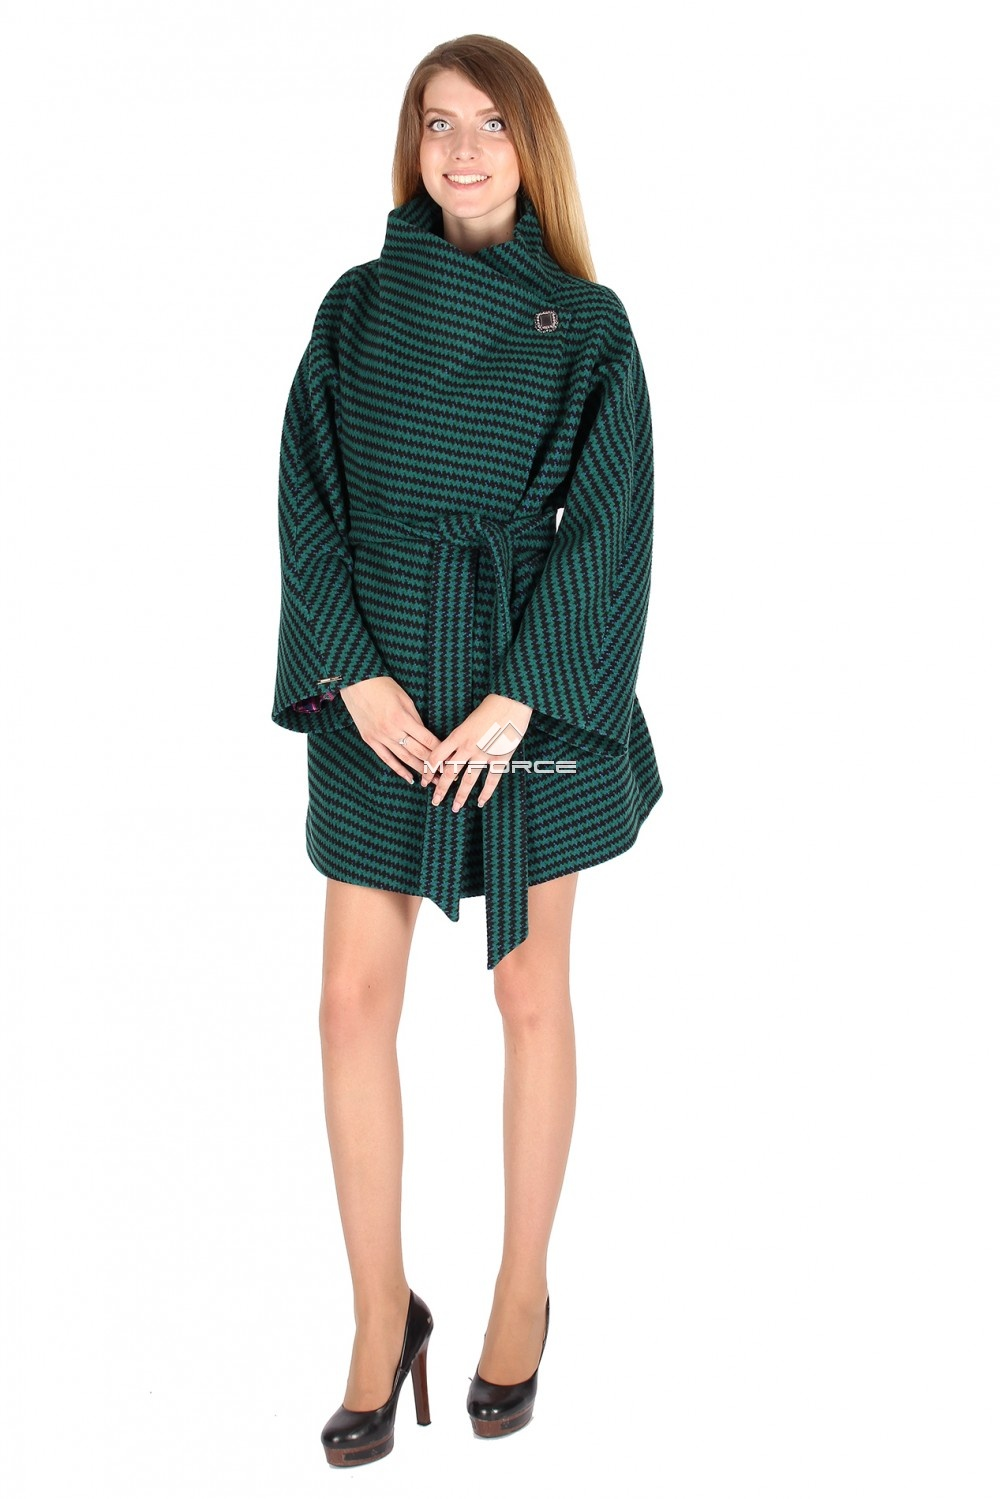 Купить                                  оптом Полупальто женское темно-зеленого цвета 16288TZ